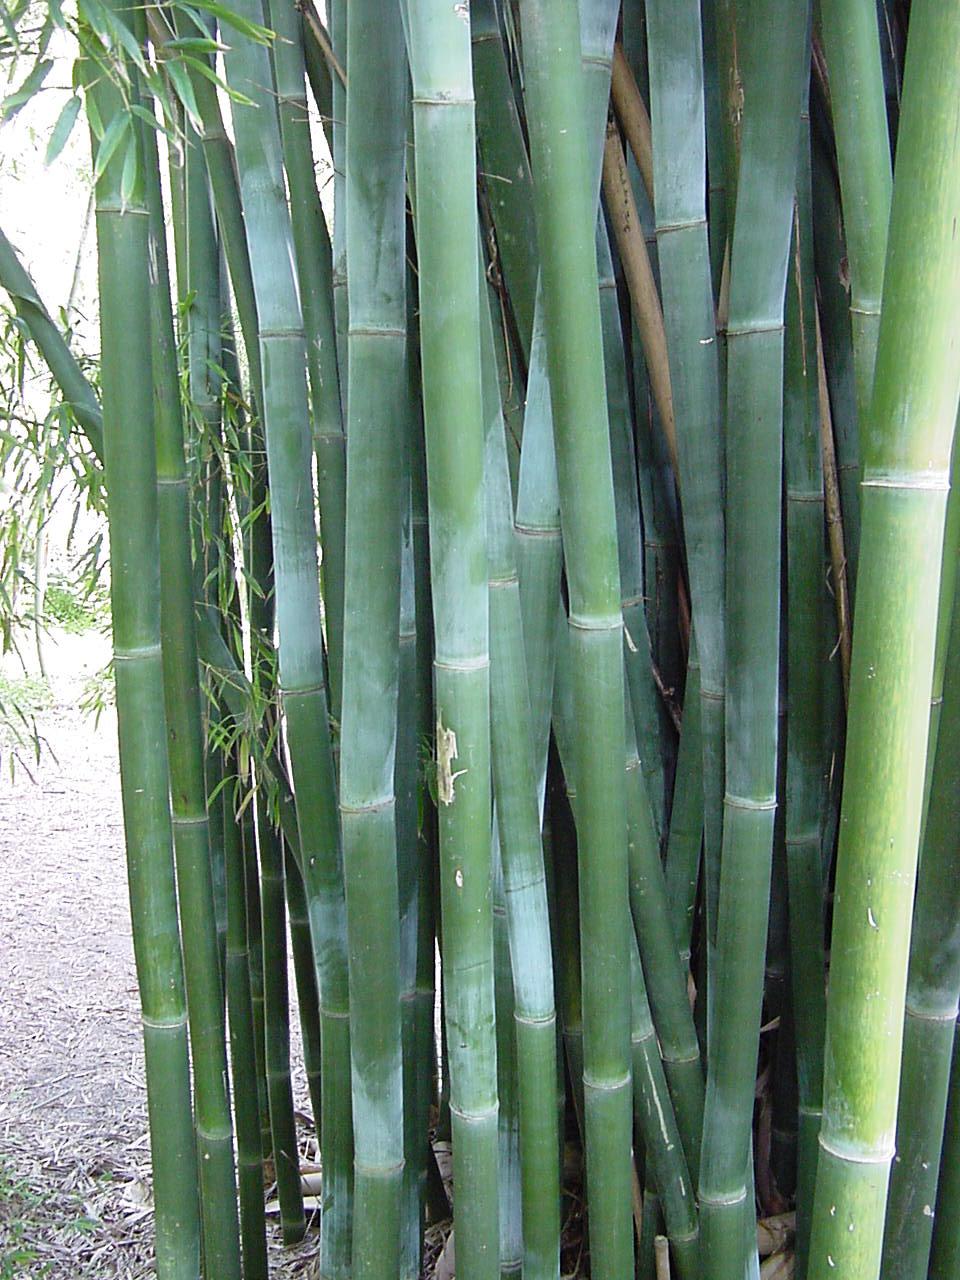 Bambusa textilis kanapaha